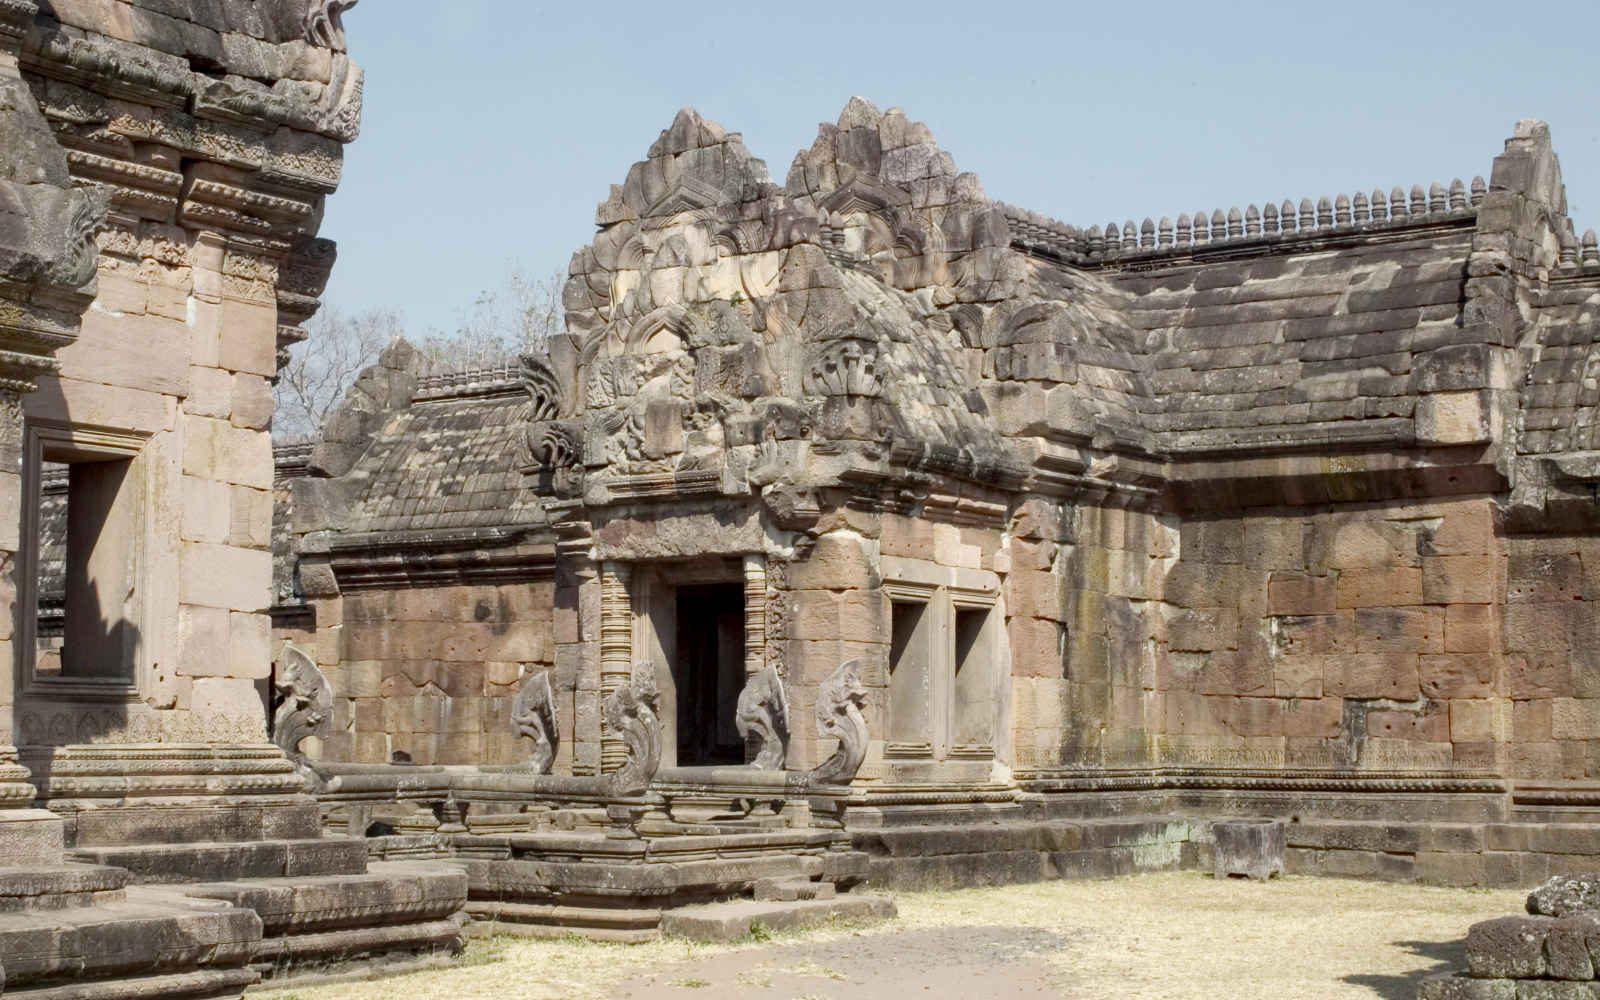 Le site khmer de Prasat Phanom Rung dans l'Isan, Thaïlande